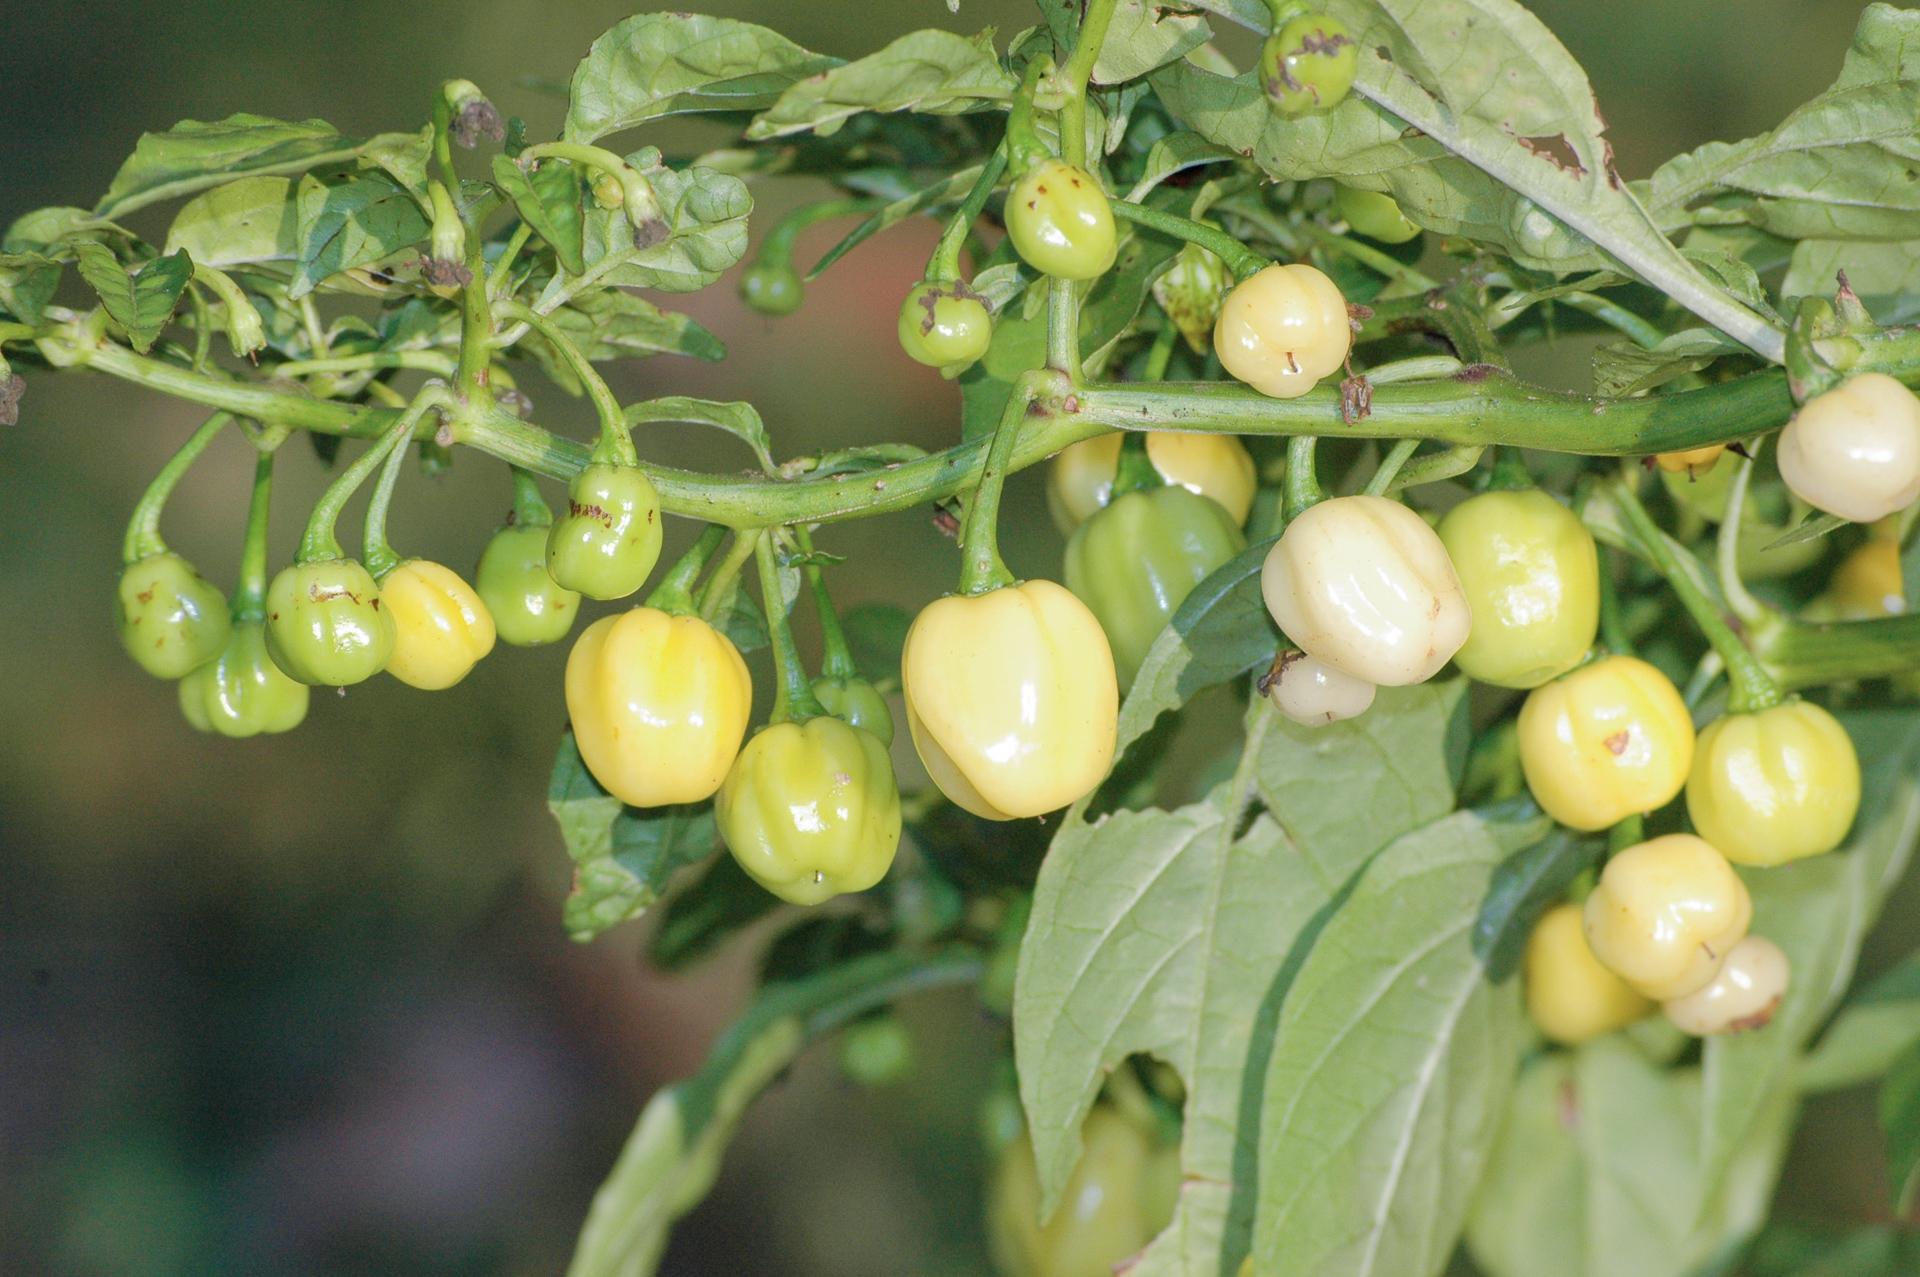 Monoszlói Tf - Capsicum annuum - variedad de chile